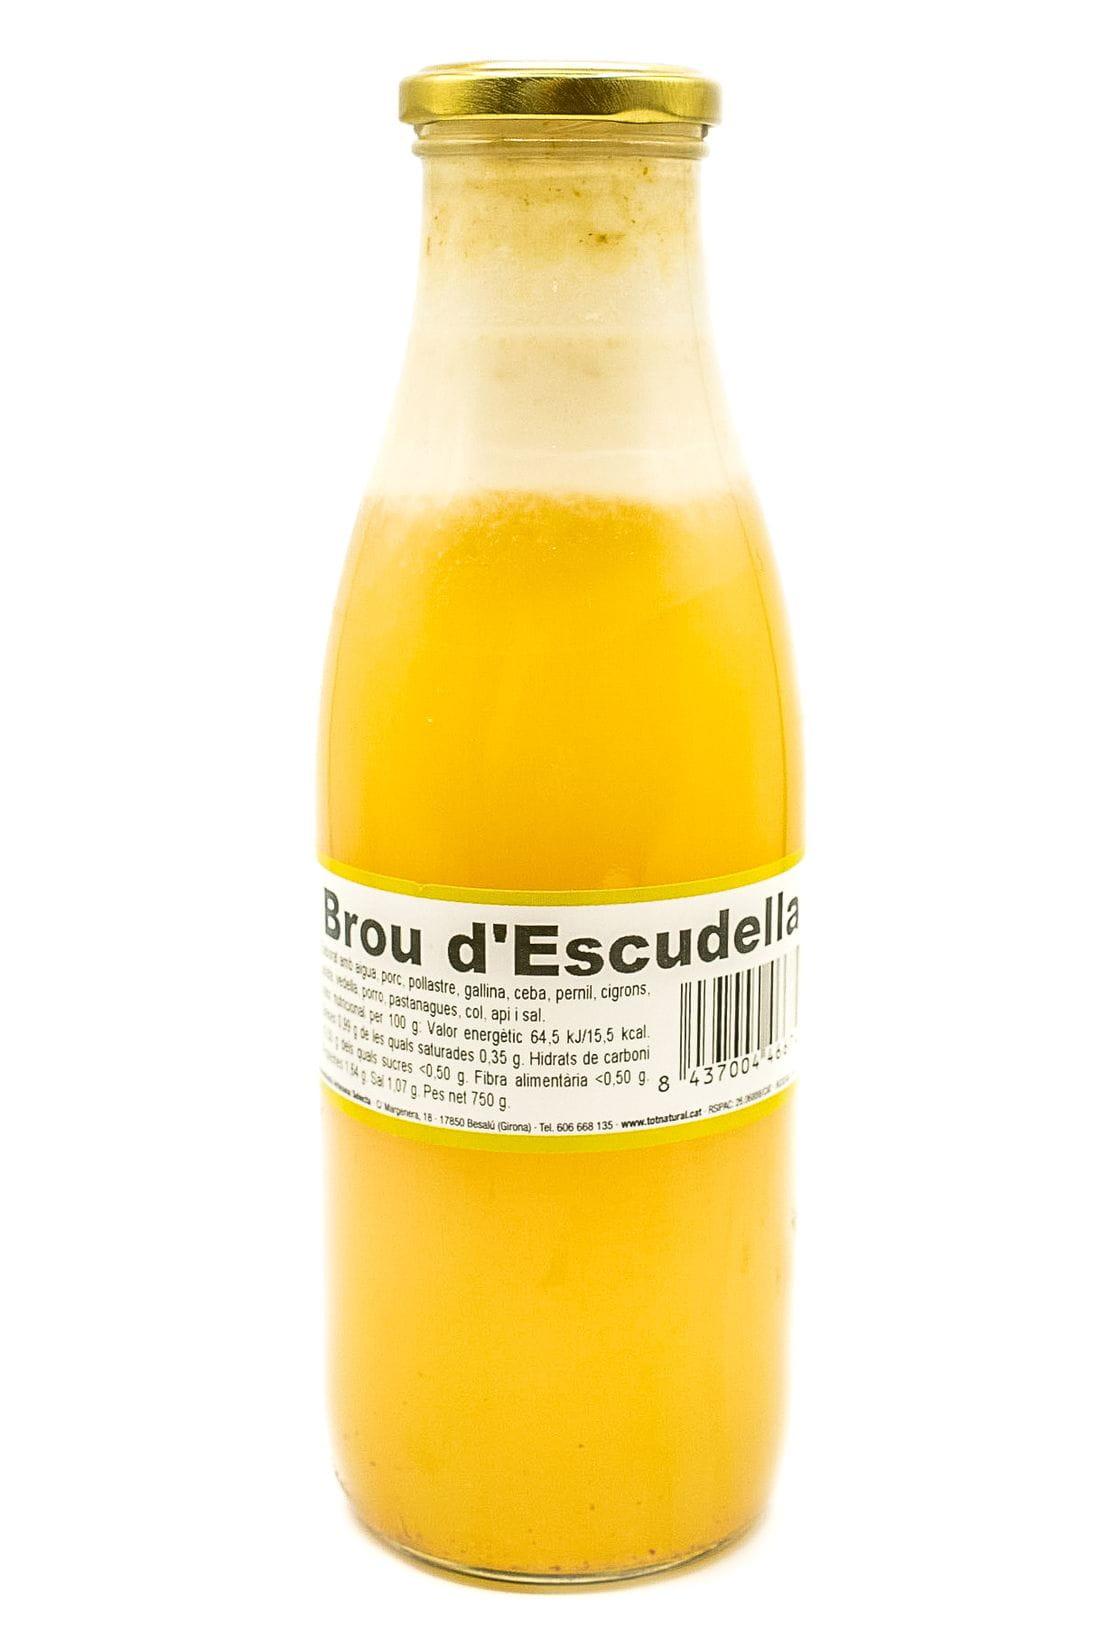 Brou d'Escudella